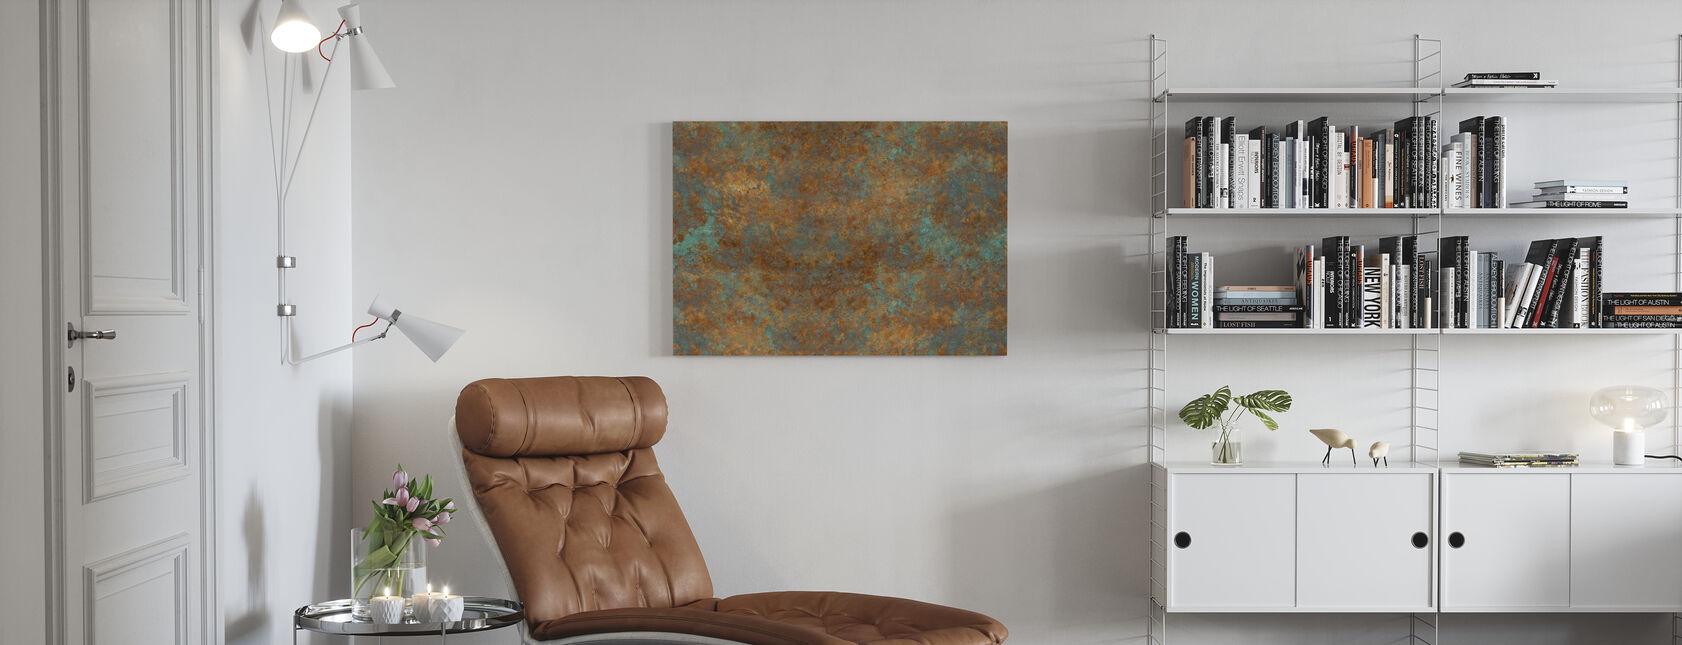 Vintage-Bronze-Hintergrund - Leinwandbild - Wohnzimmer